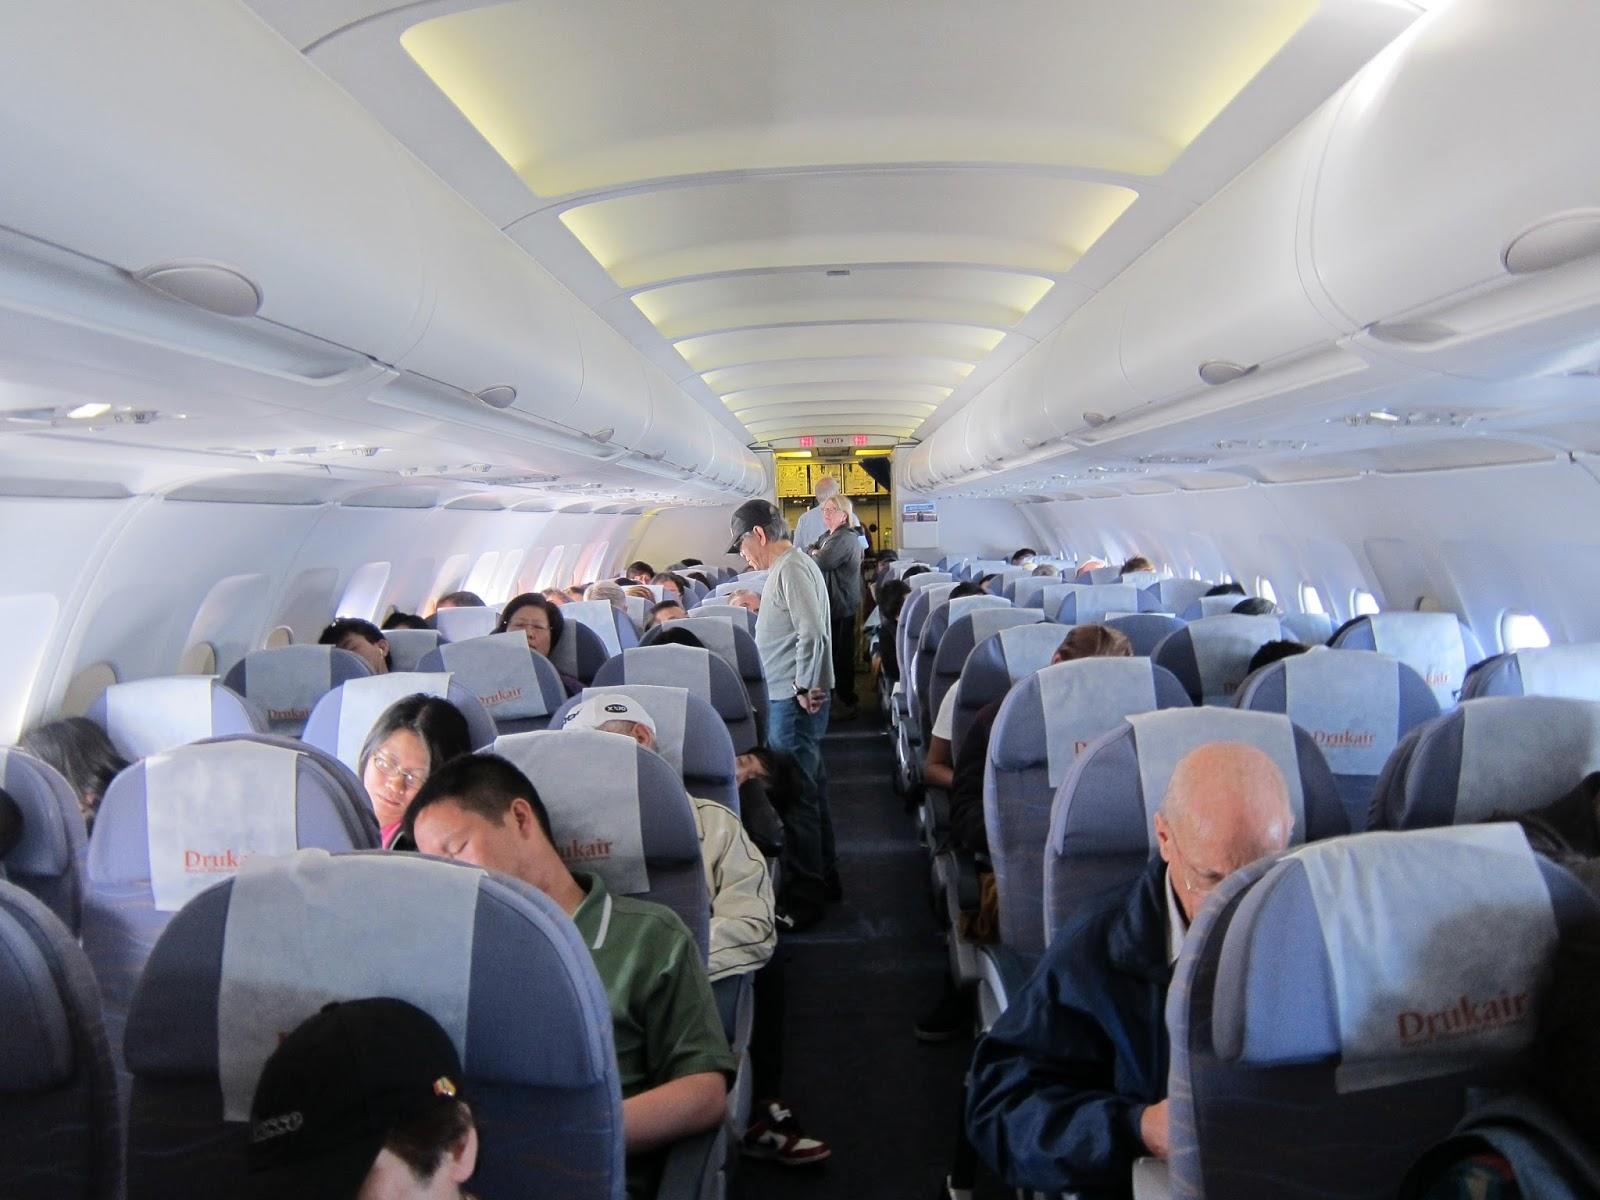 不丹: 是命中注定的旅程 Bhutan: It is Fate ~: 不丹旅遊資訊 – 航班篇 – Apr 2012